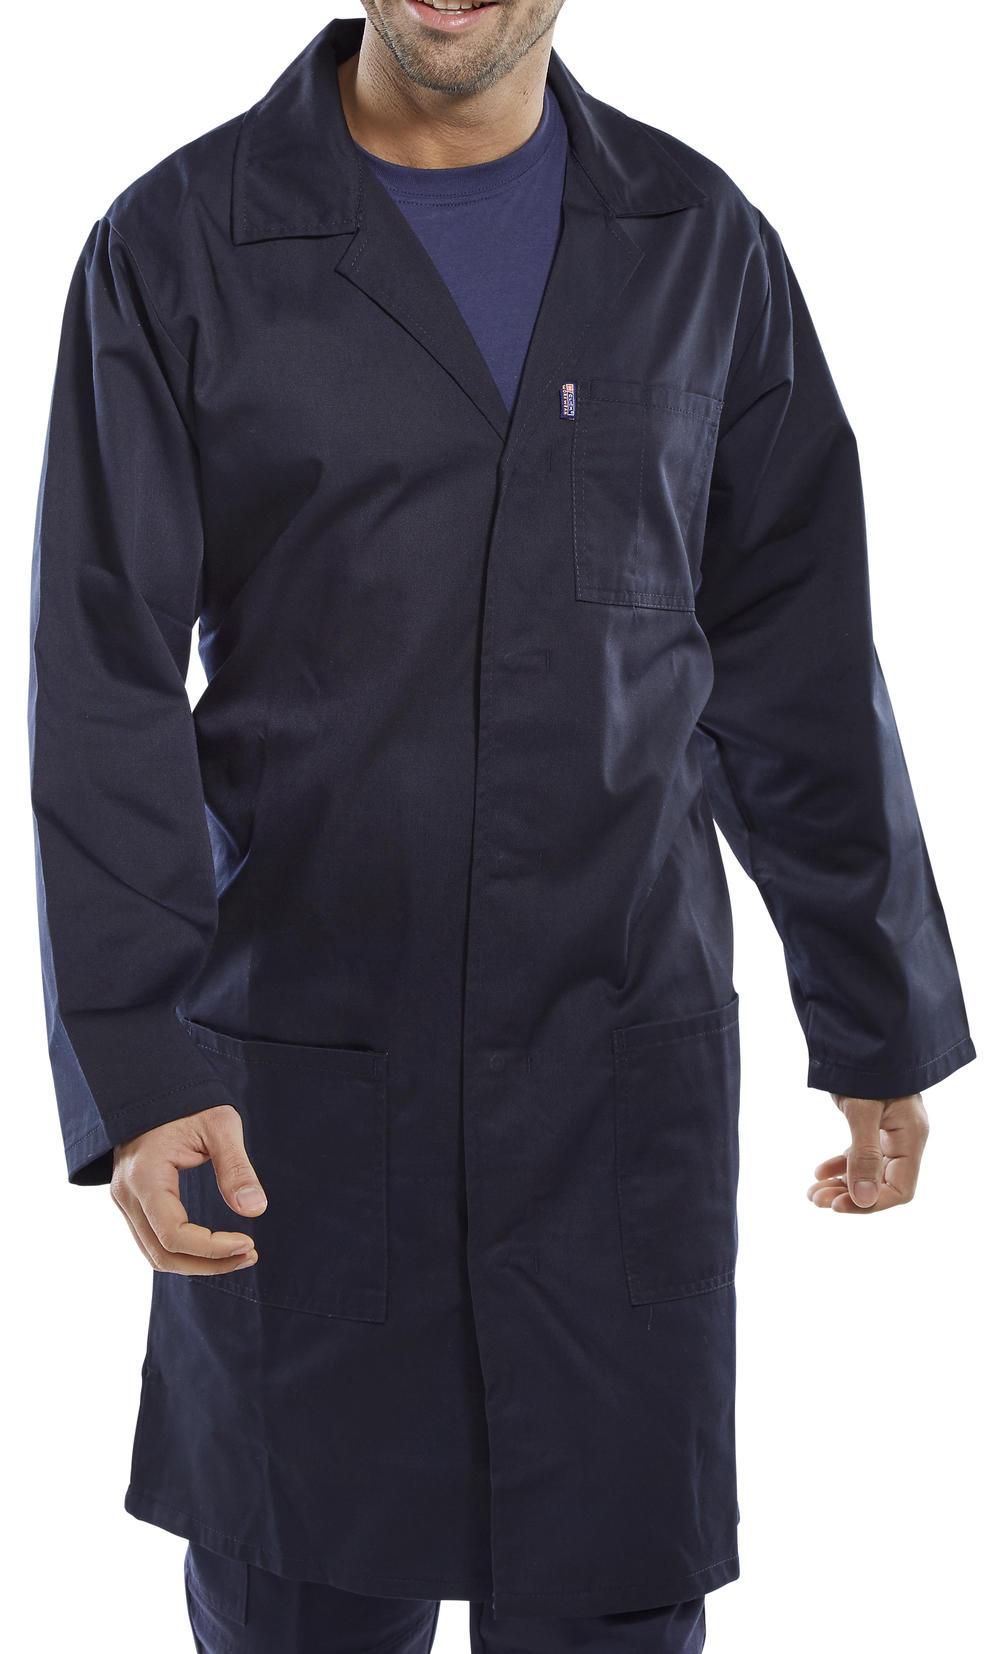 Work Coat